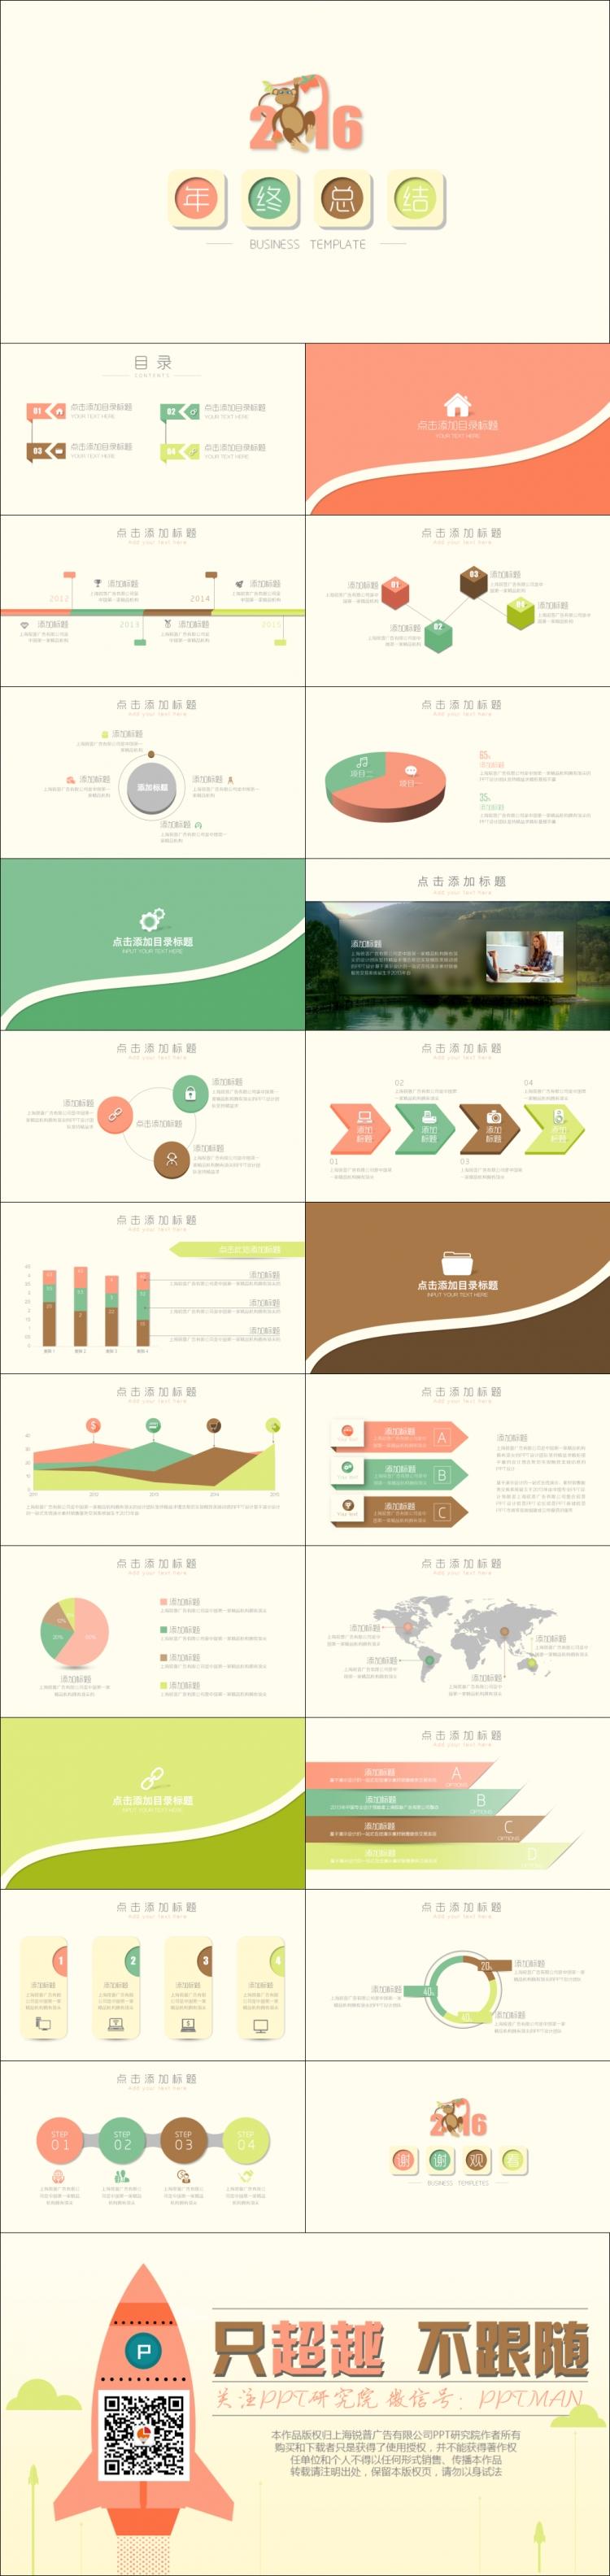 2016微立体风格年终汇报PPT模板(彩色)